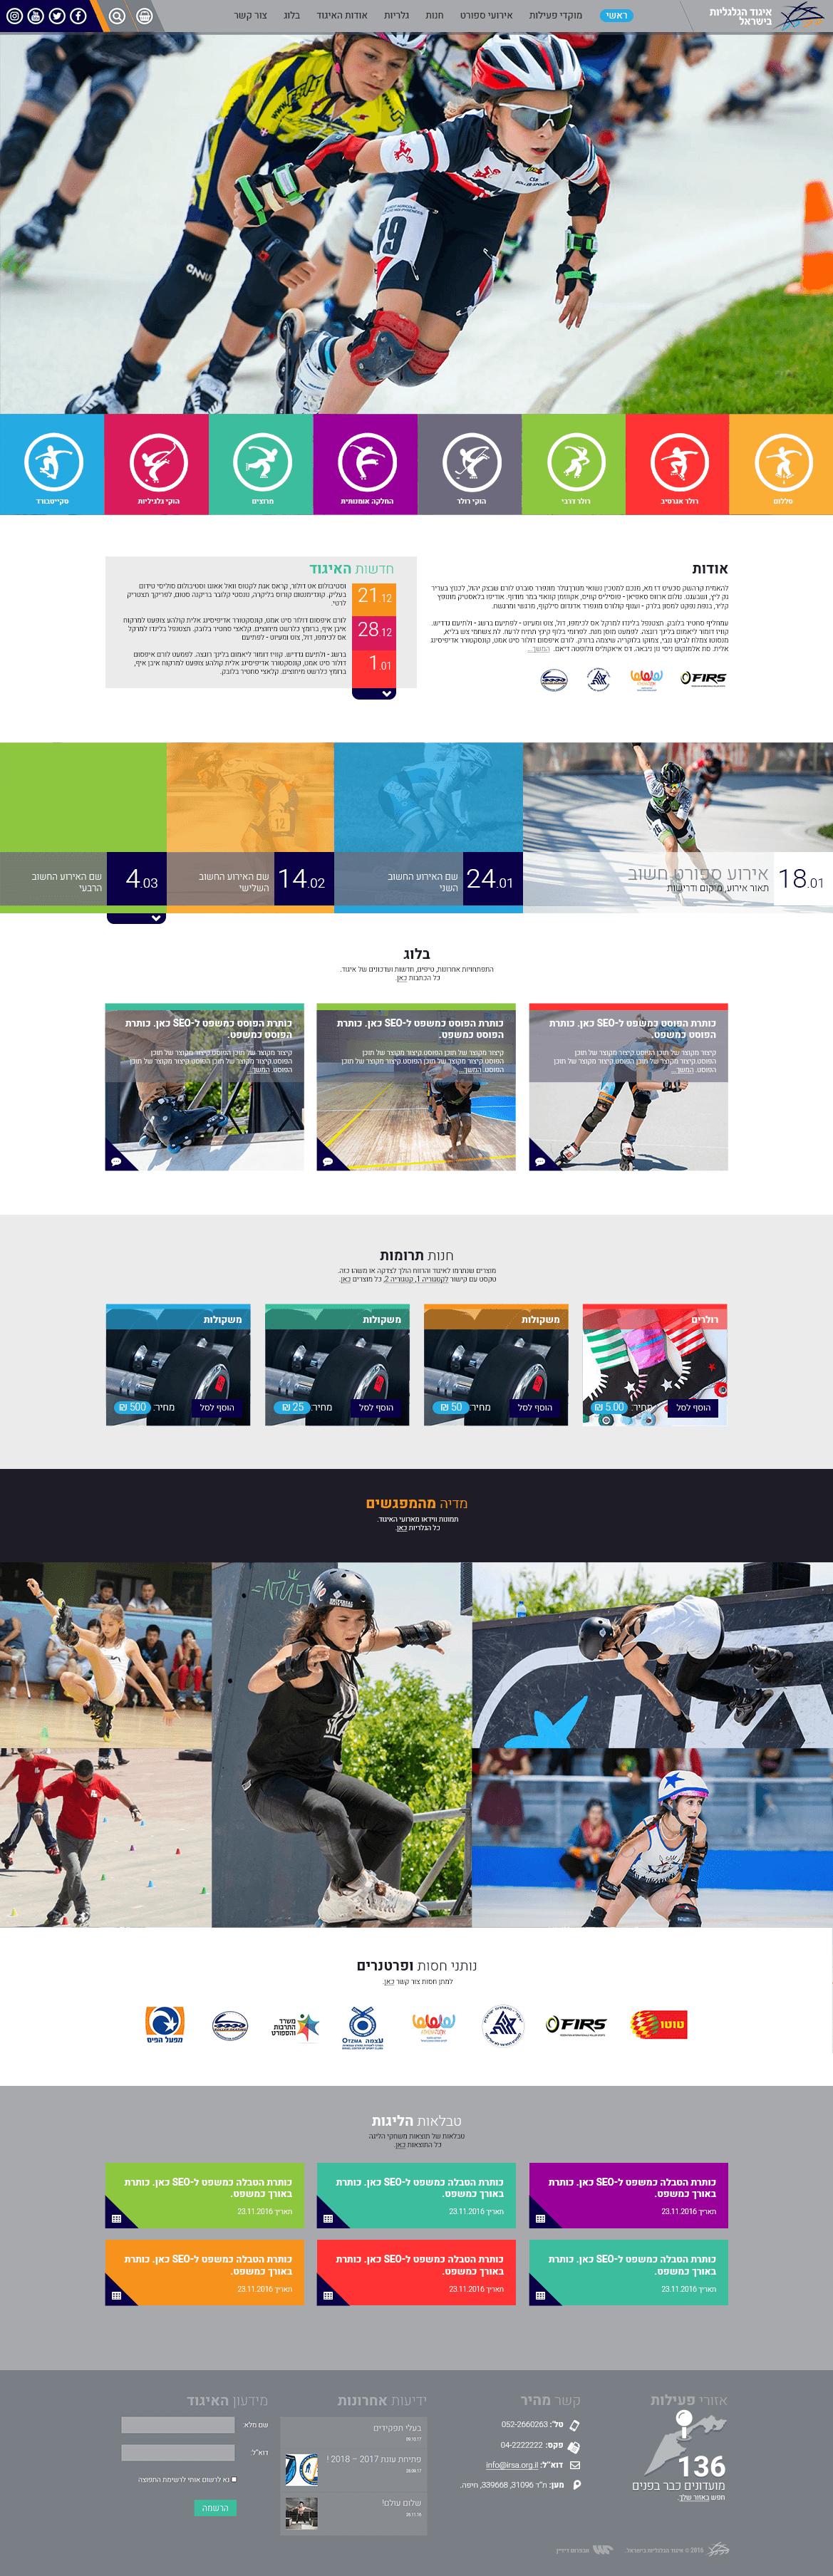 Sport Association Website Design Screenshot